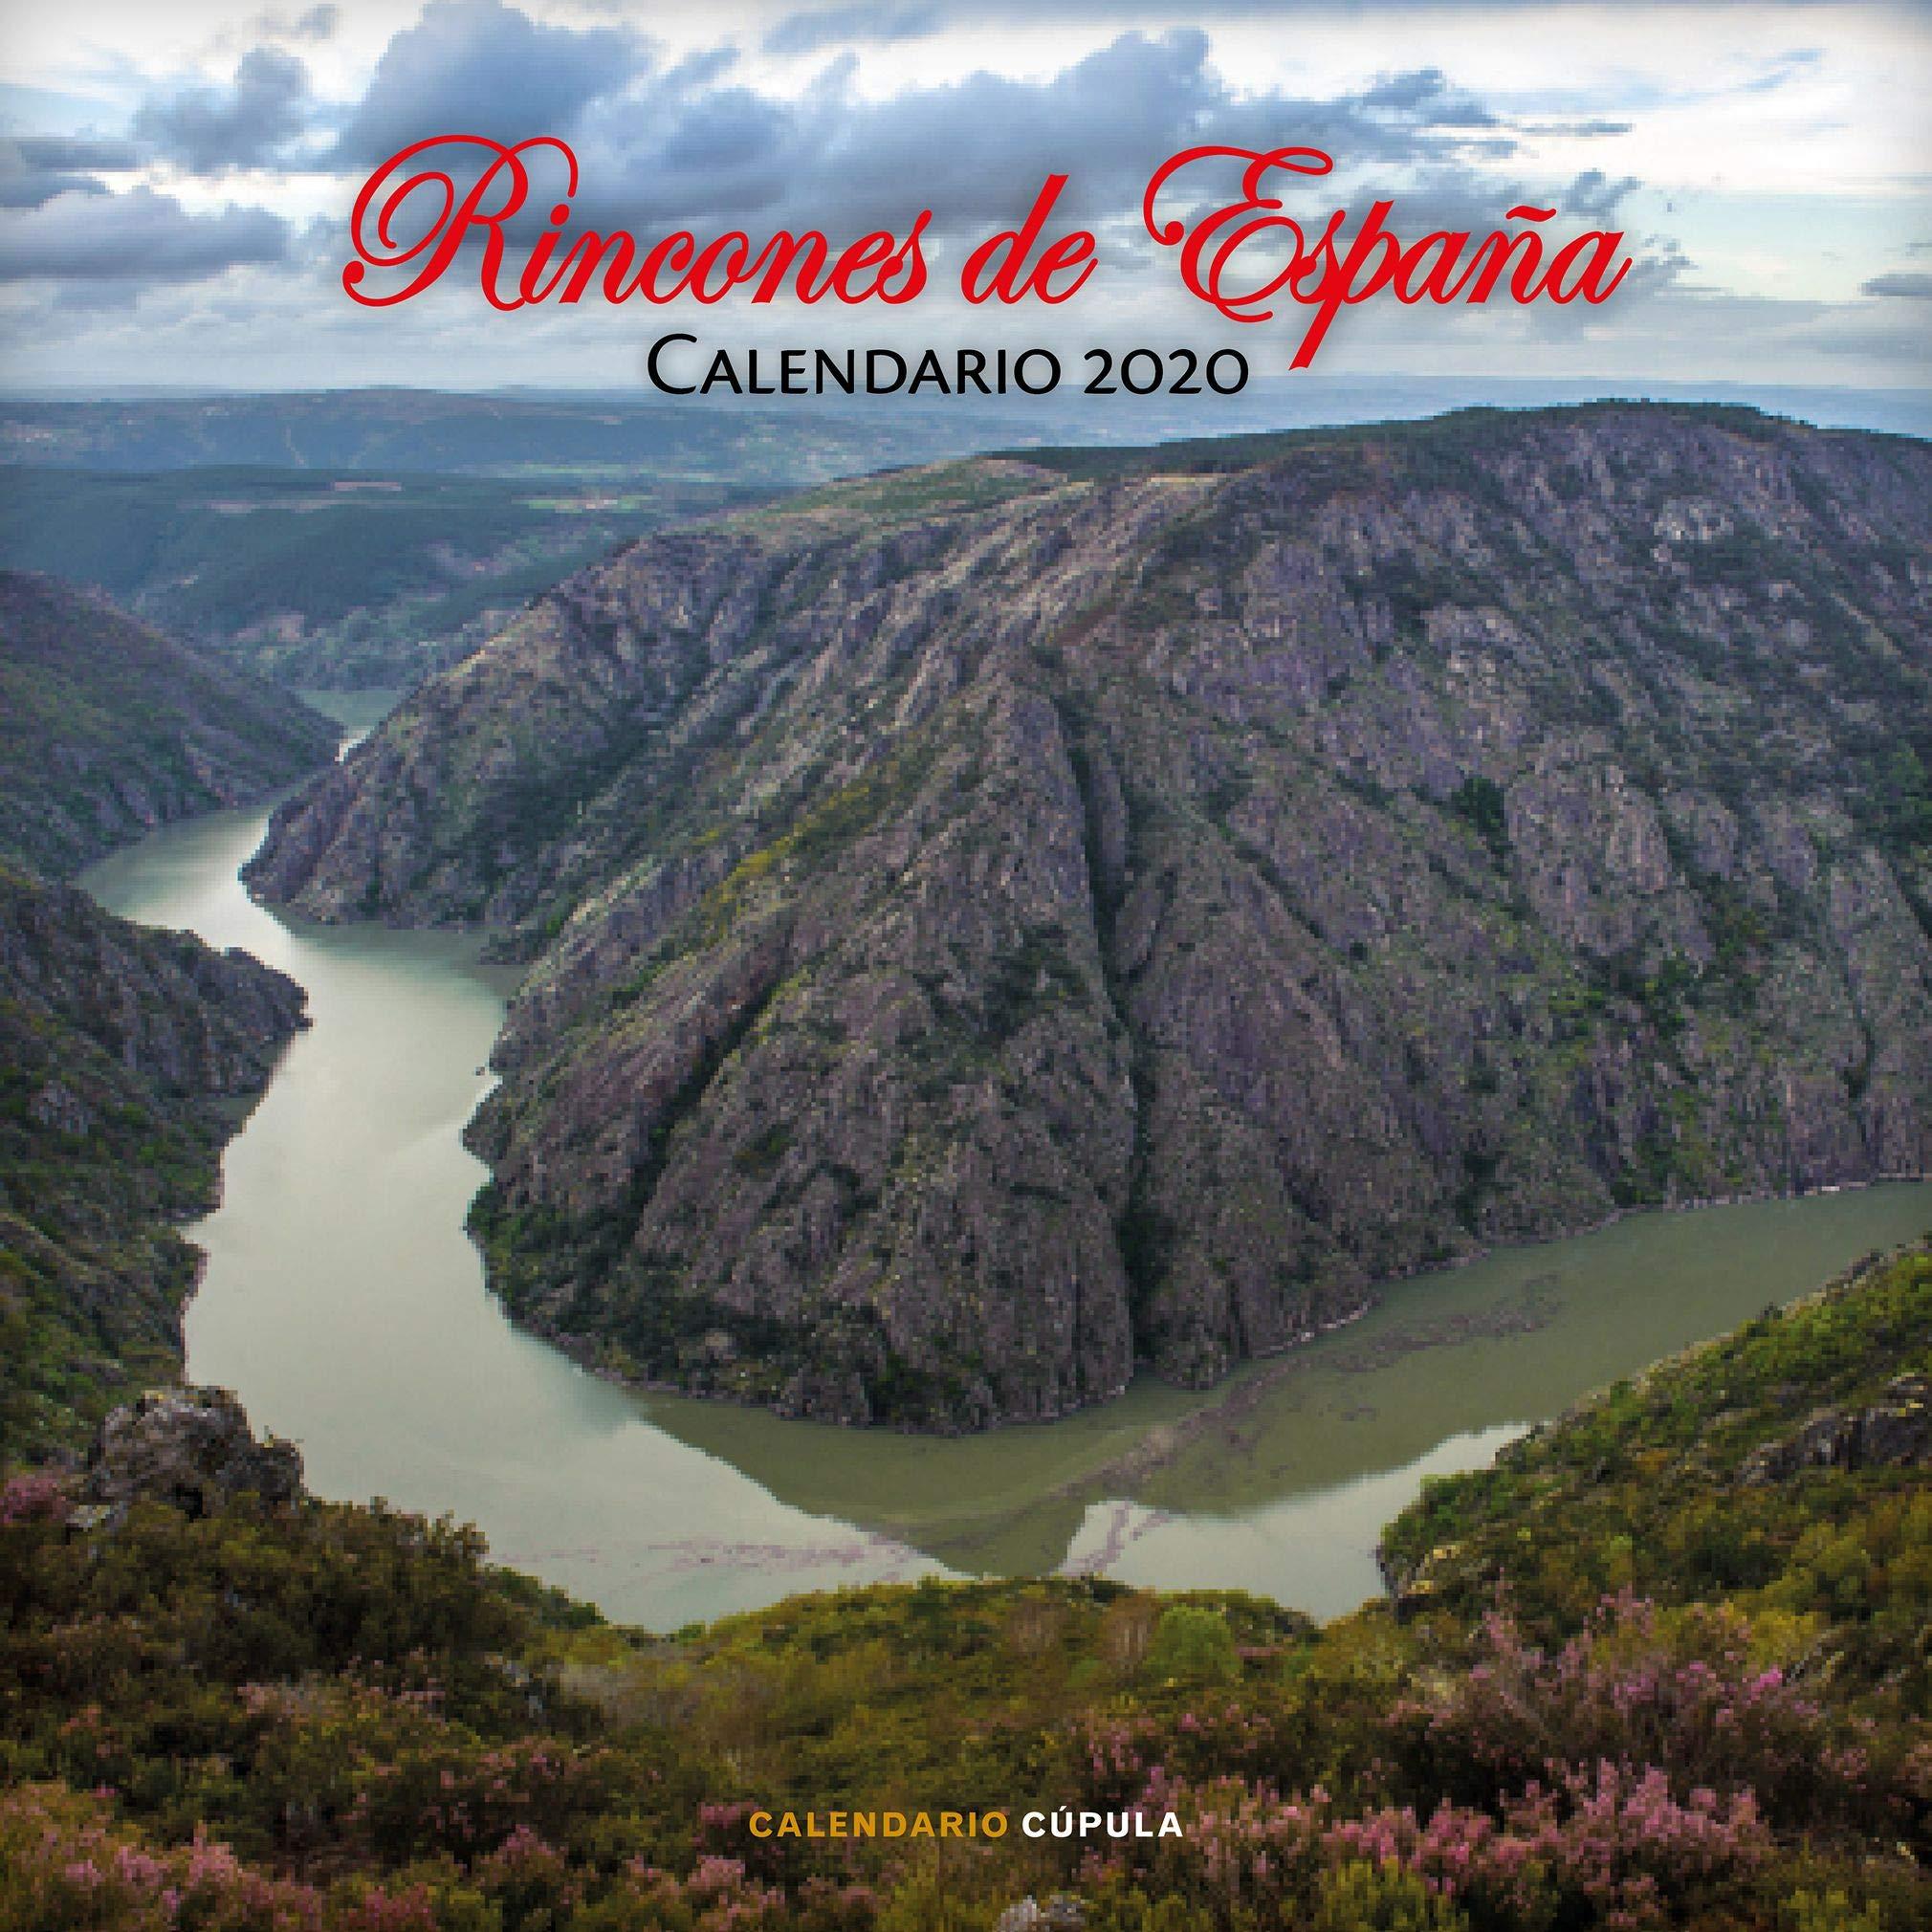 Calendario Rincones de España 2020 Calendarios y agendas: Amazon ...